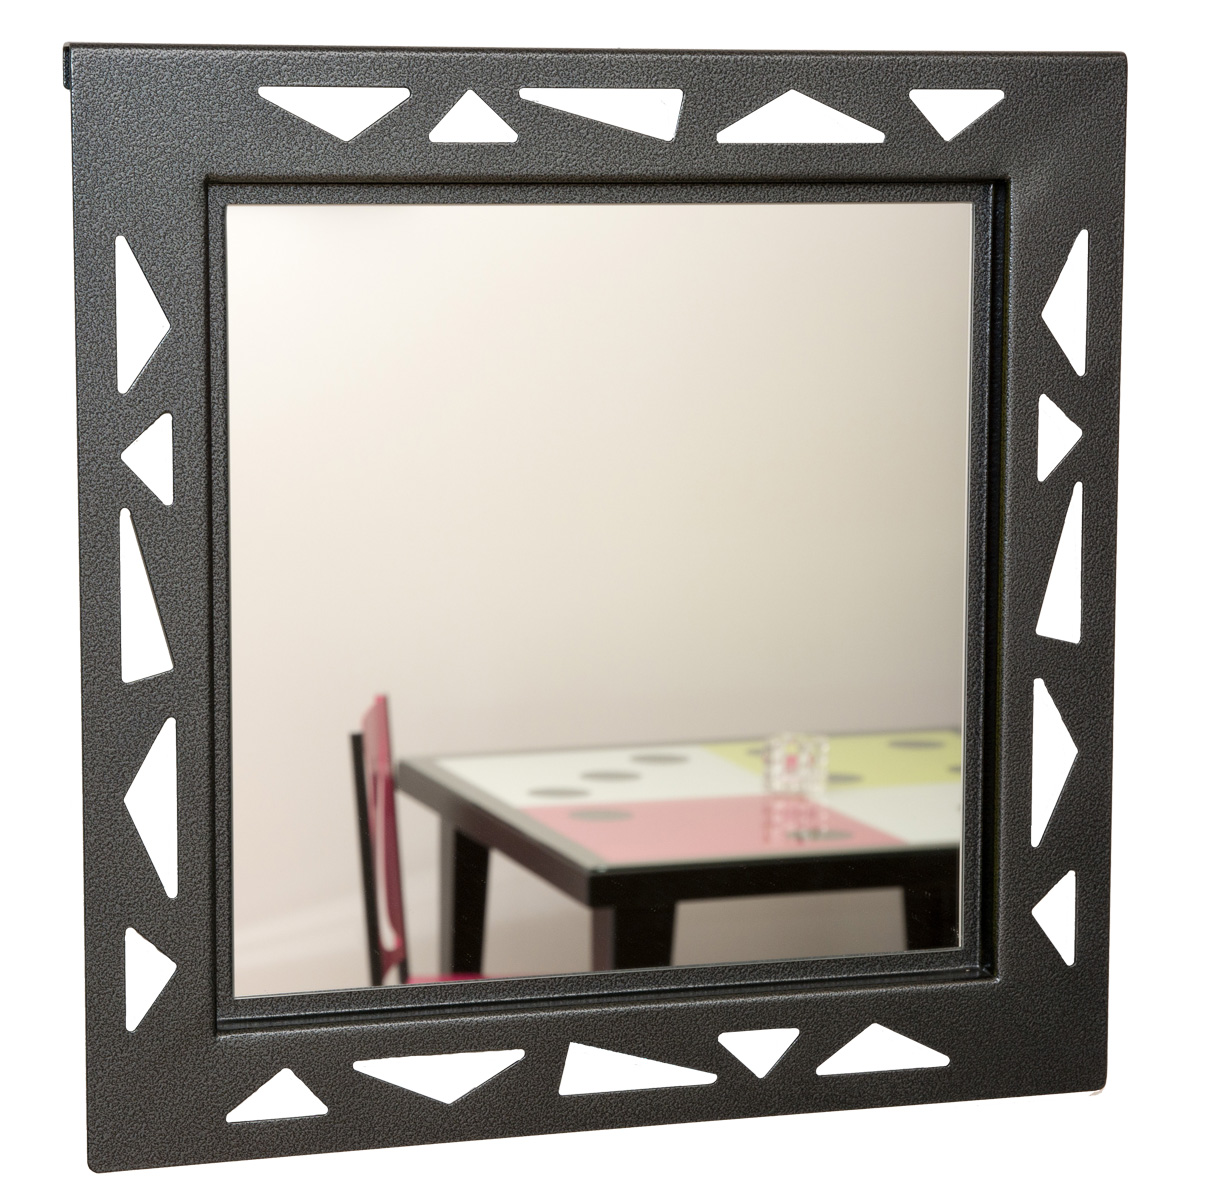 Cadre miroir styl 39 m tal21 for Miroir cadre metal